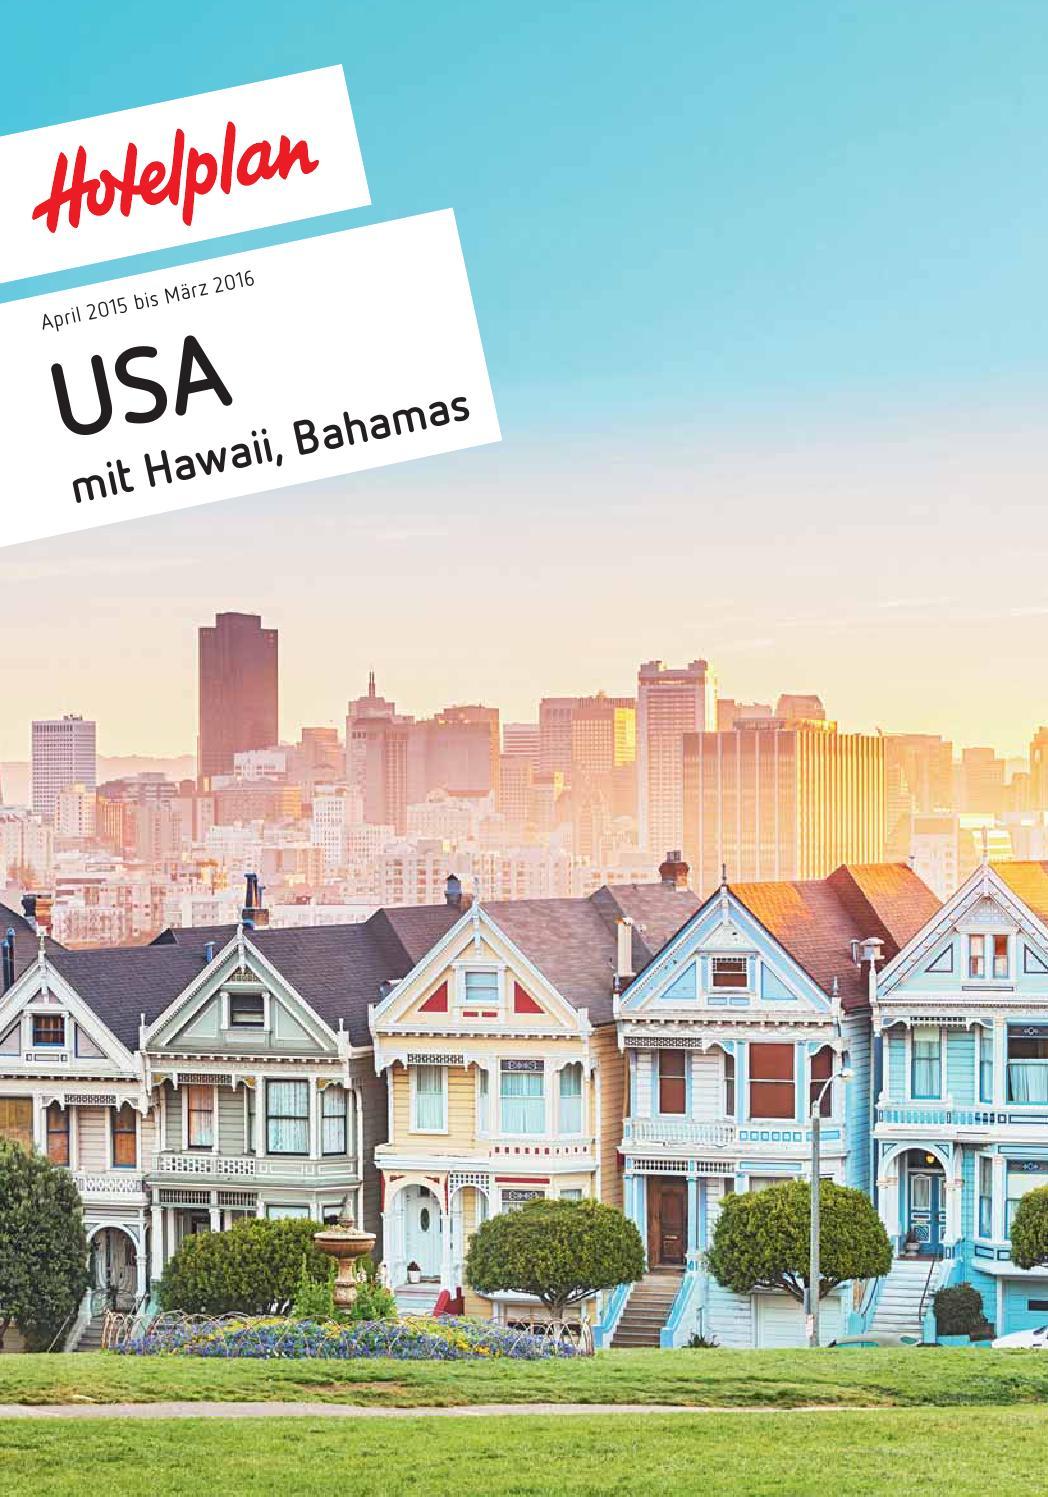 Hotelplan USA mit Hawaii, Bahamas April 2015 bis März 2016 by ...